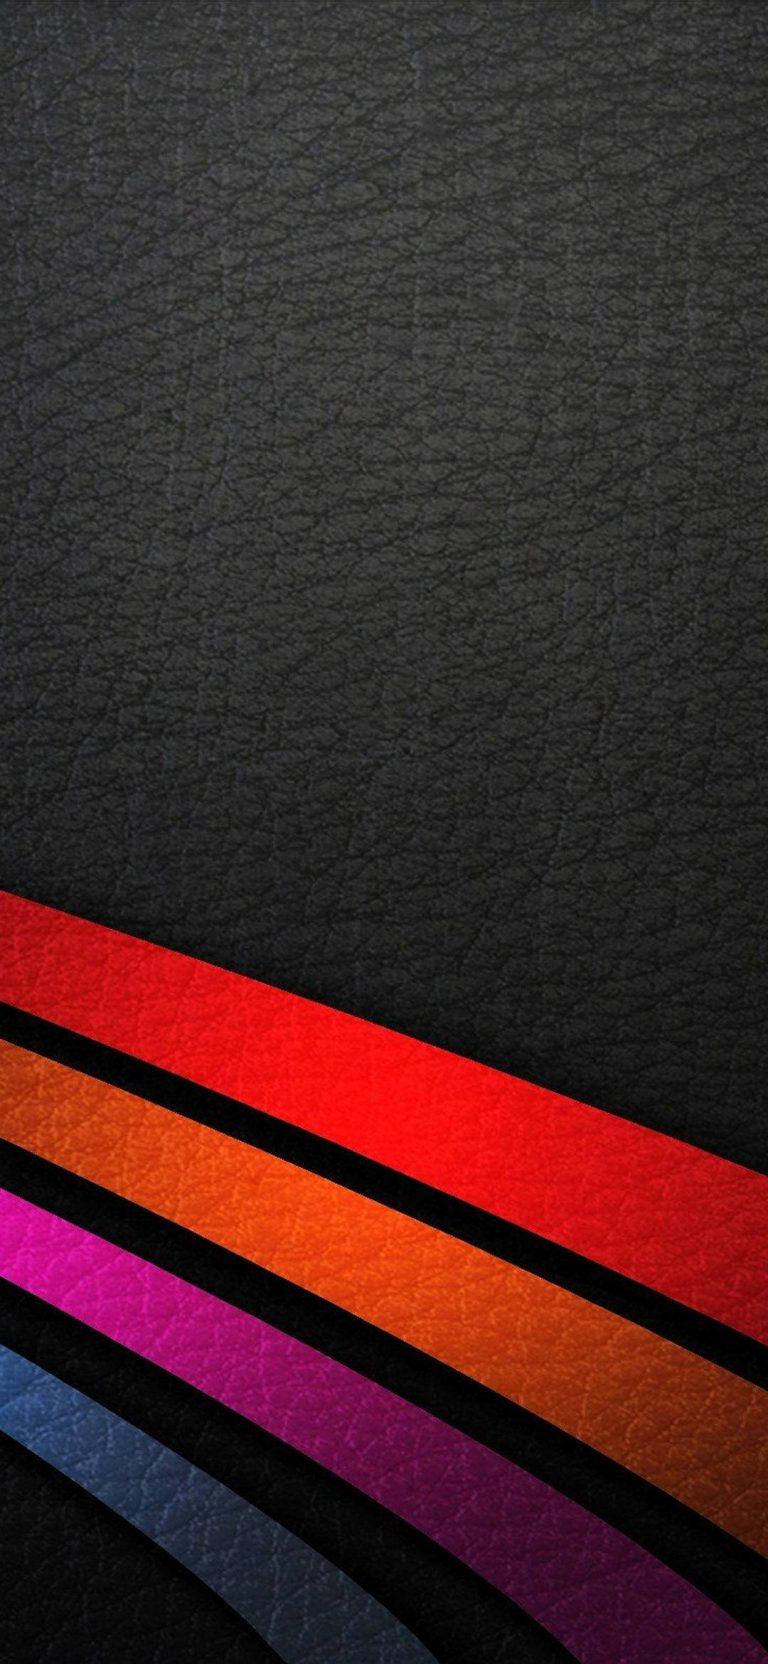 Strips 1080x2340 768x1664